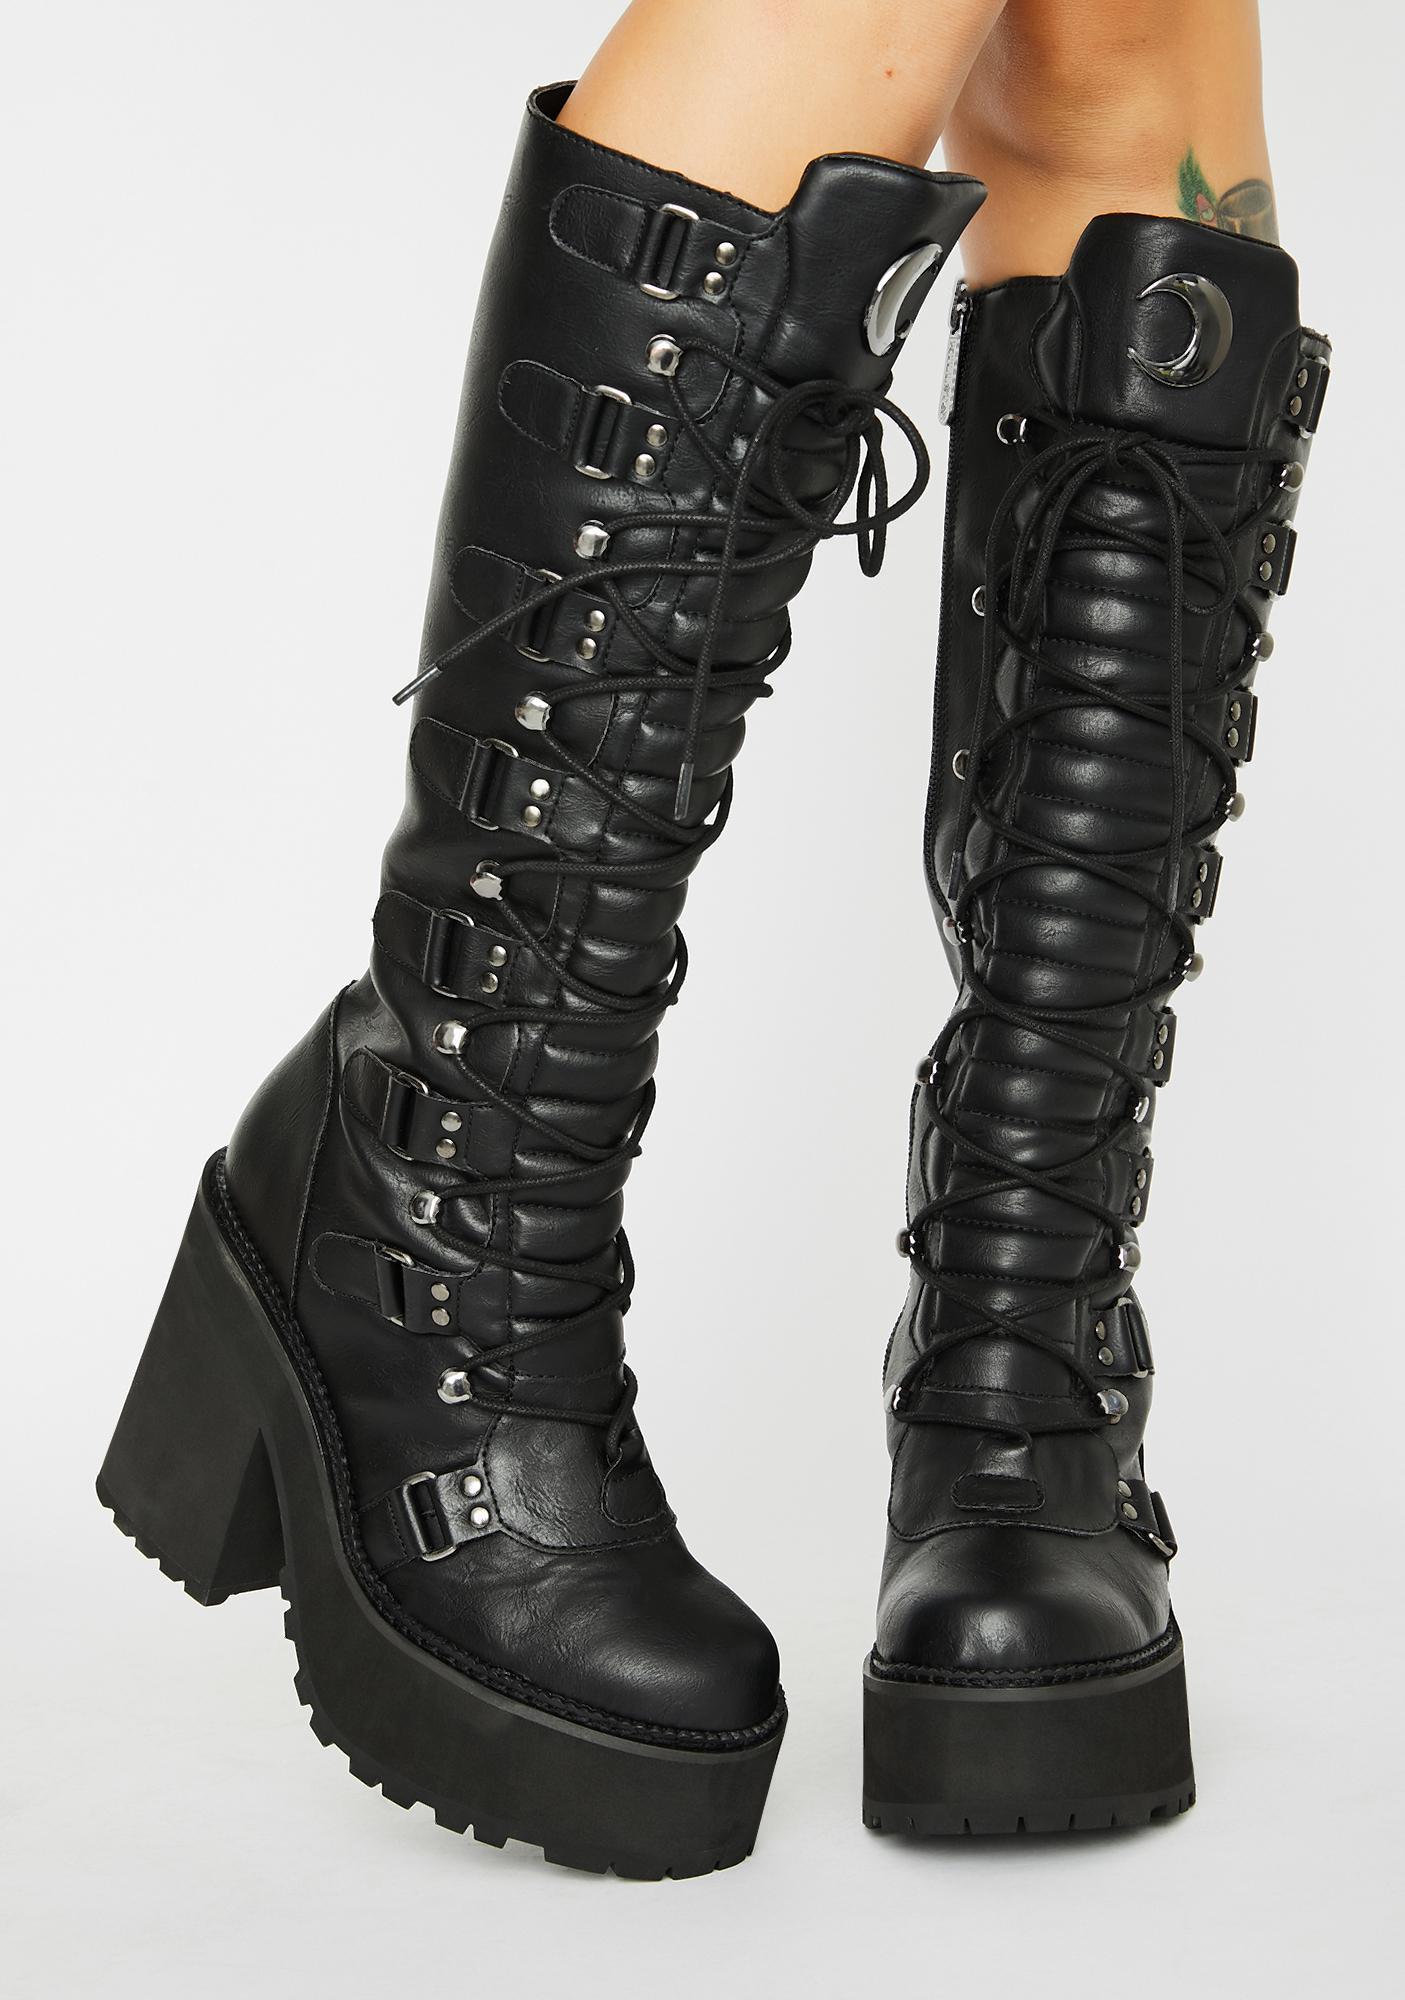 Selene Knee High Boots by Killstar